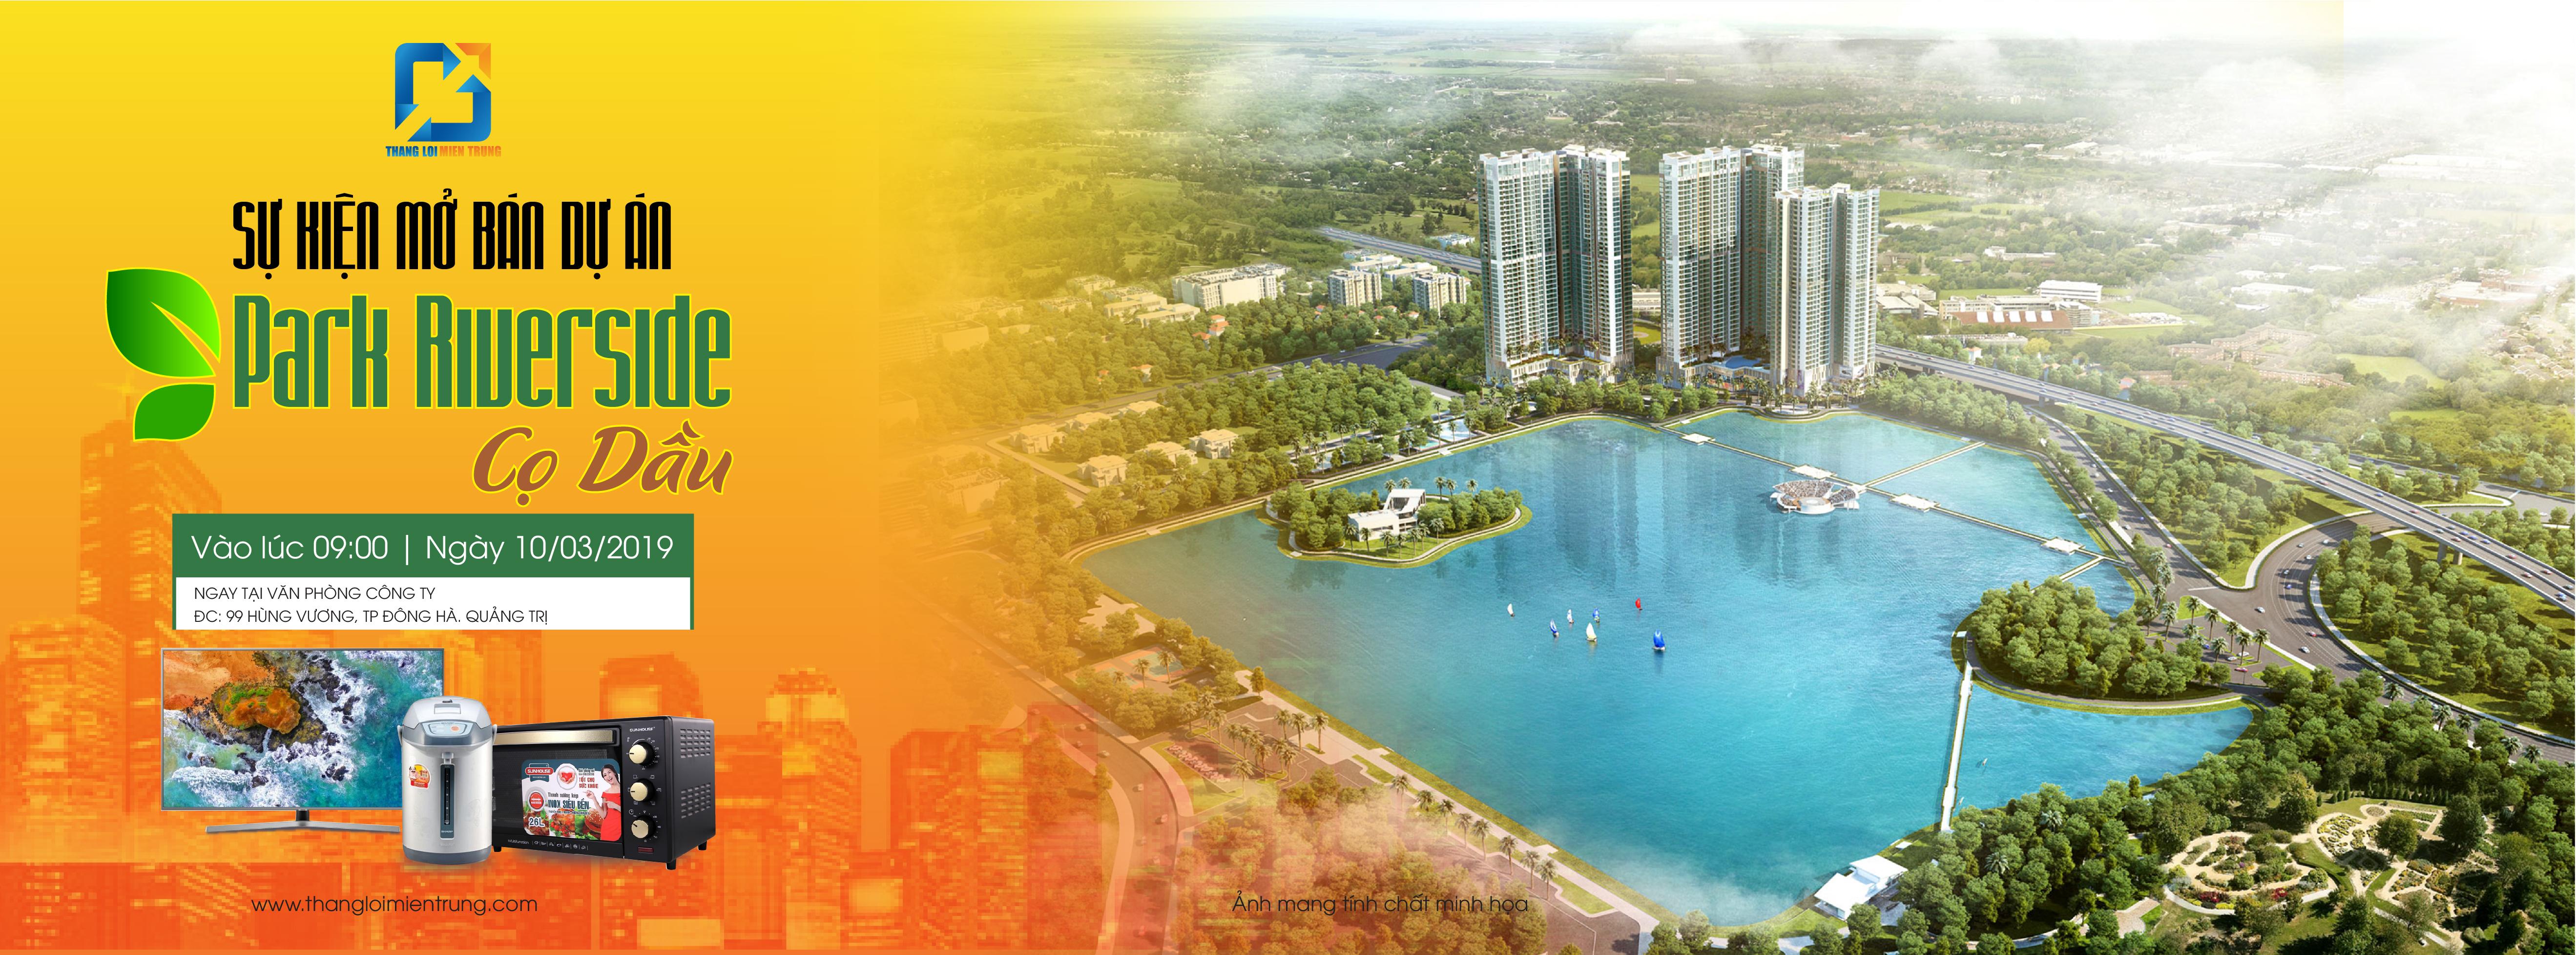 Mở bán dự án Park RIverside - Cọ Dầu tại Quảng Trị 10/03/2019 | 100% sản phẩm được ưu tiên 1